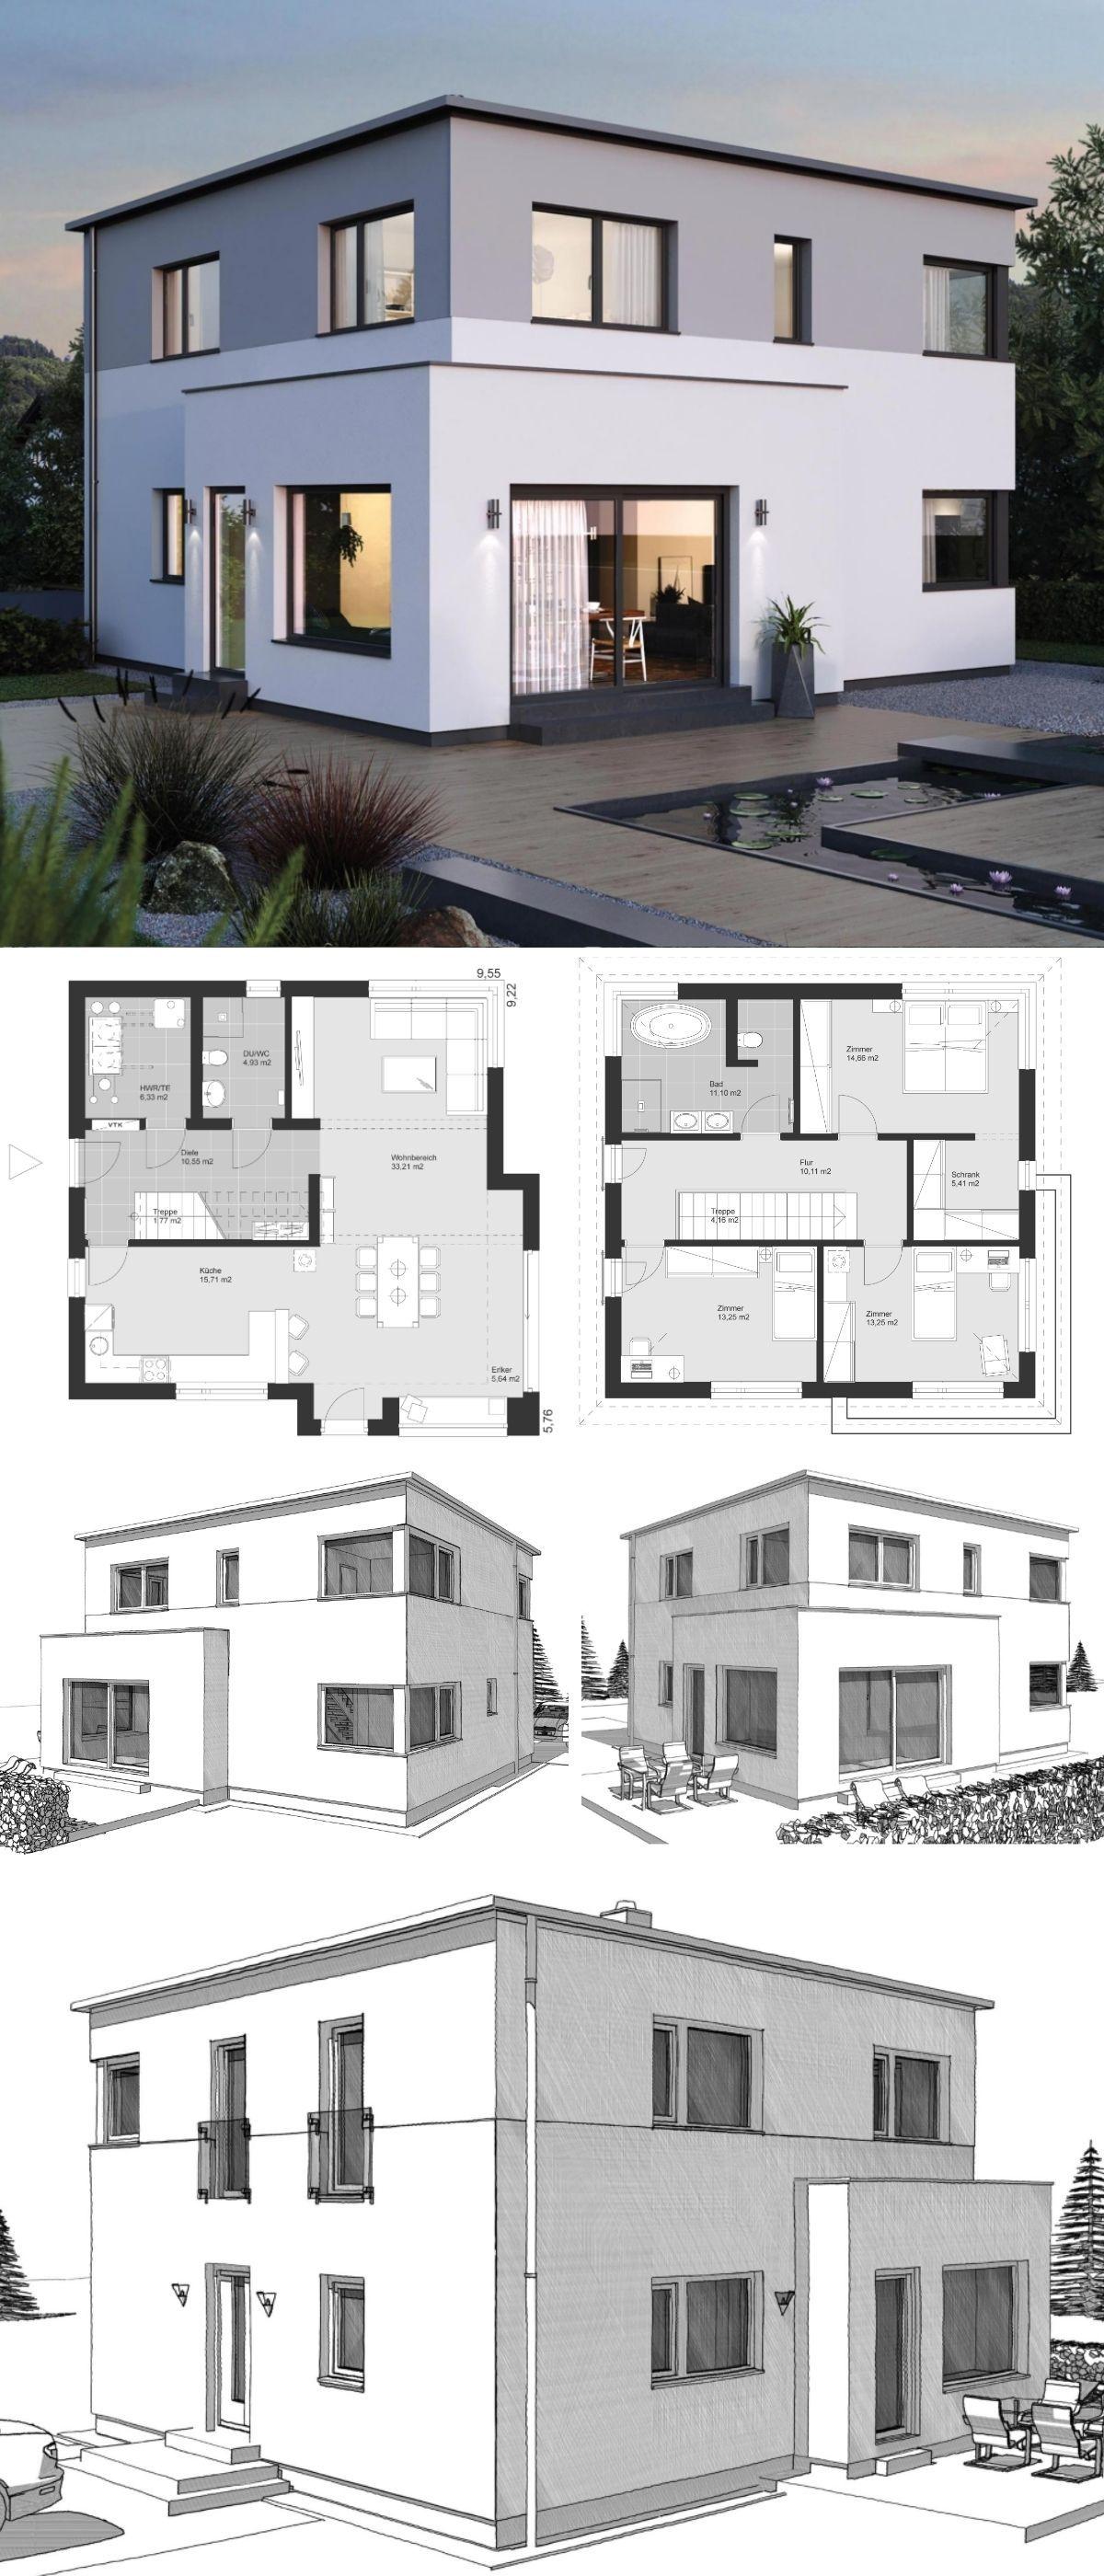 Home treppen design-ideen stadtvilla modern im bauhausstil grundriss mit flachdach architektur